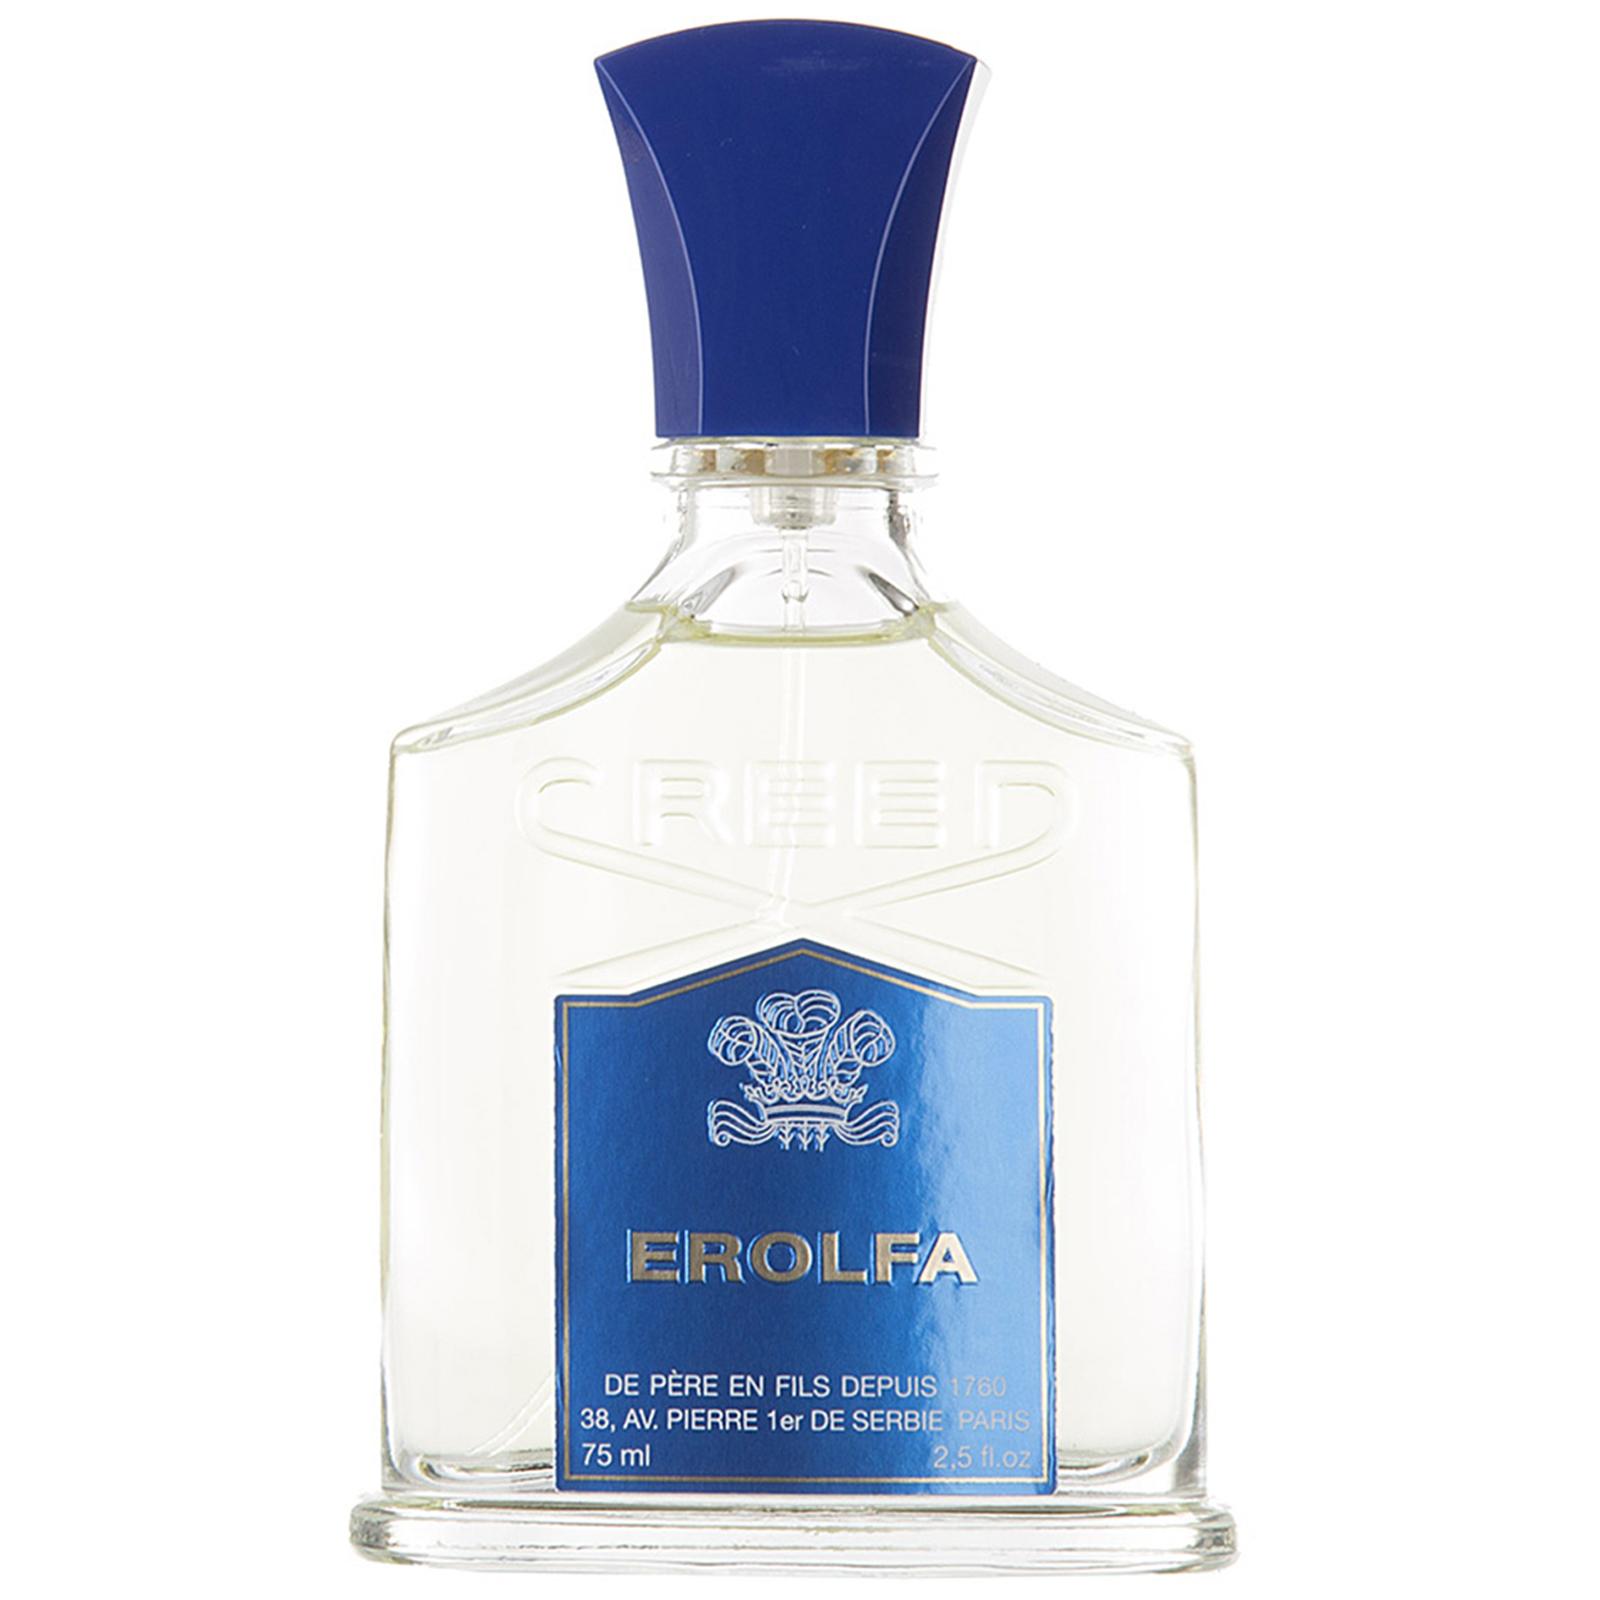 Erolfa millésime profumo eau de parfum 75 ml